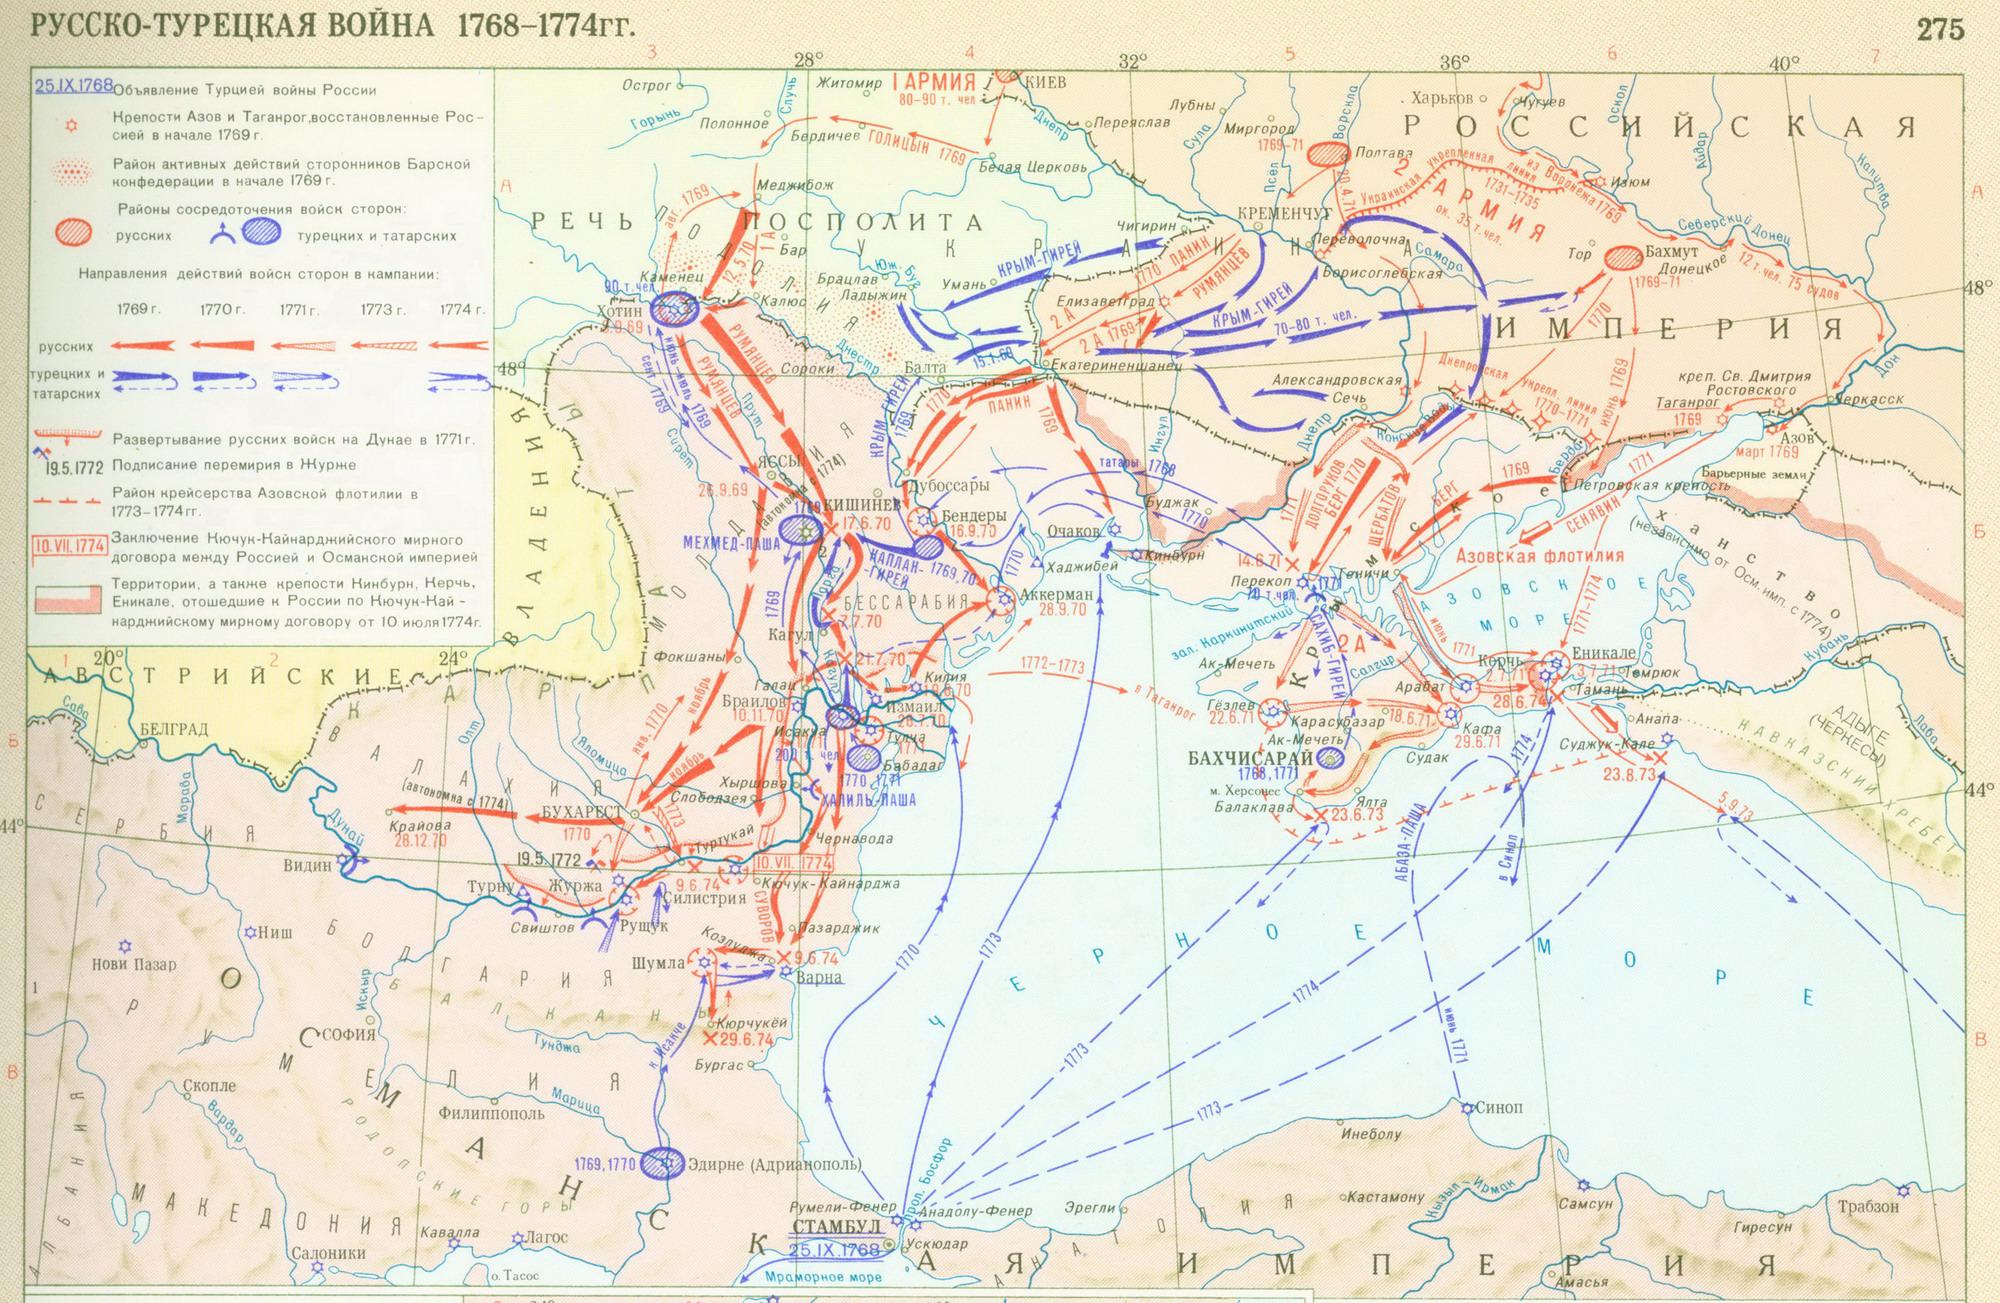 8 класс гдз русско-турецкая война контурные карты